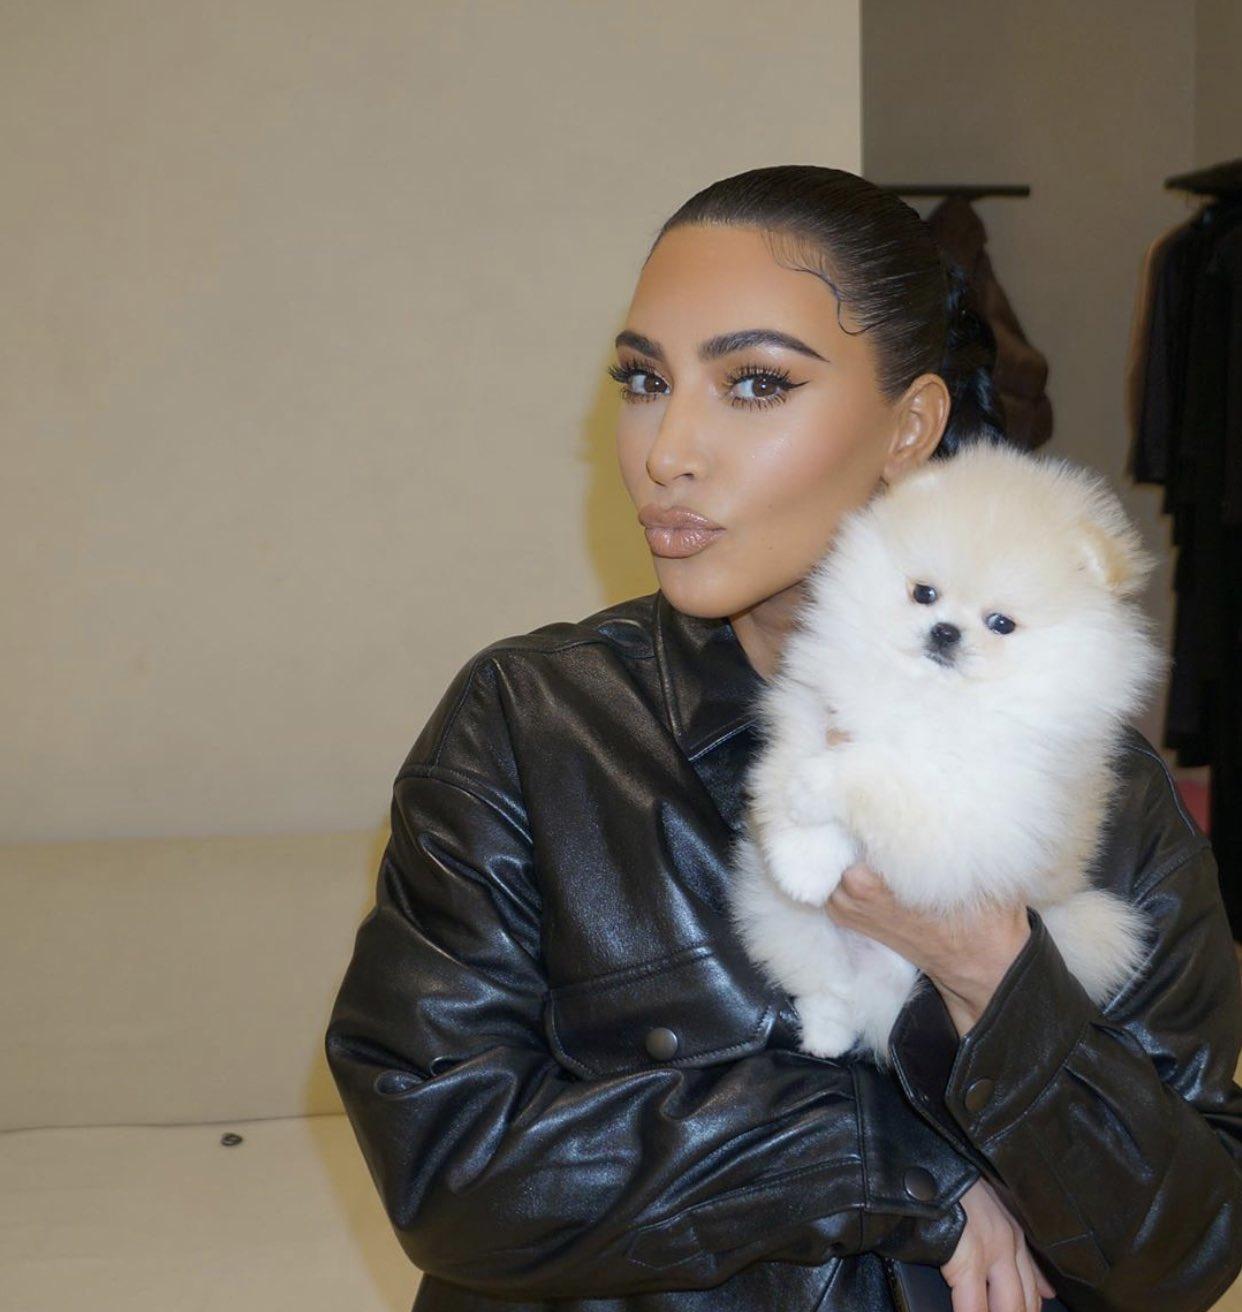 Kim Kardashian West with Puppy